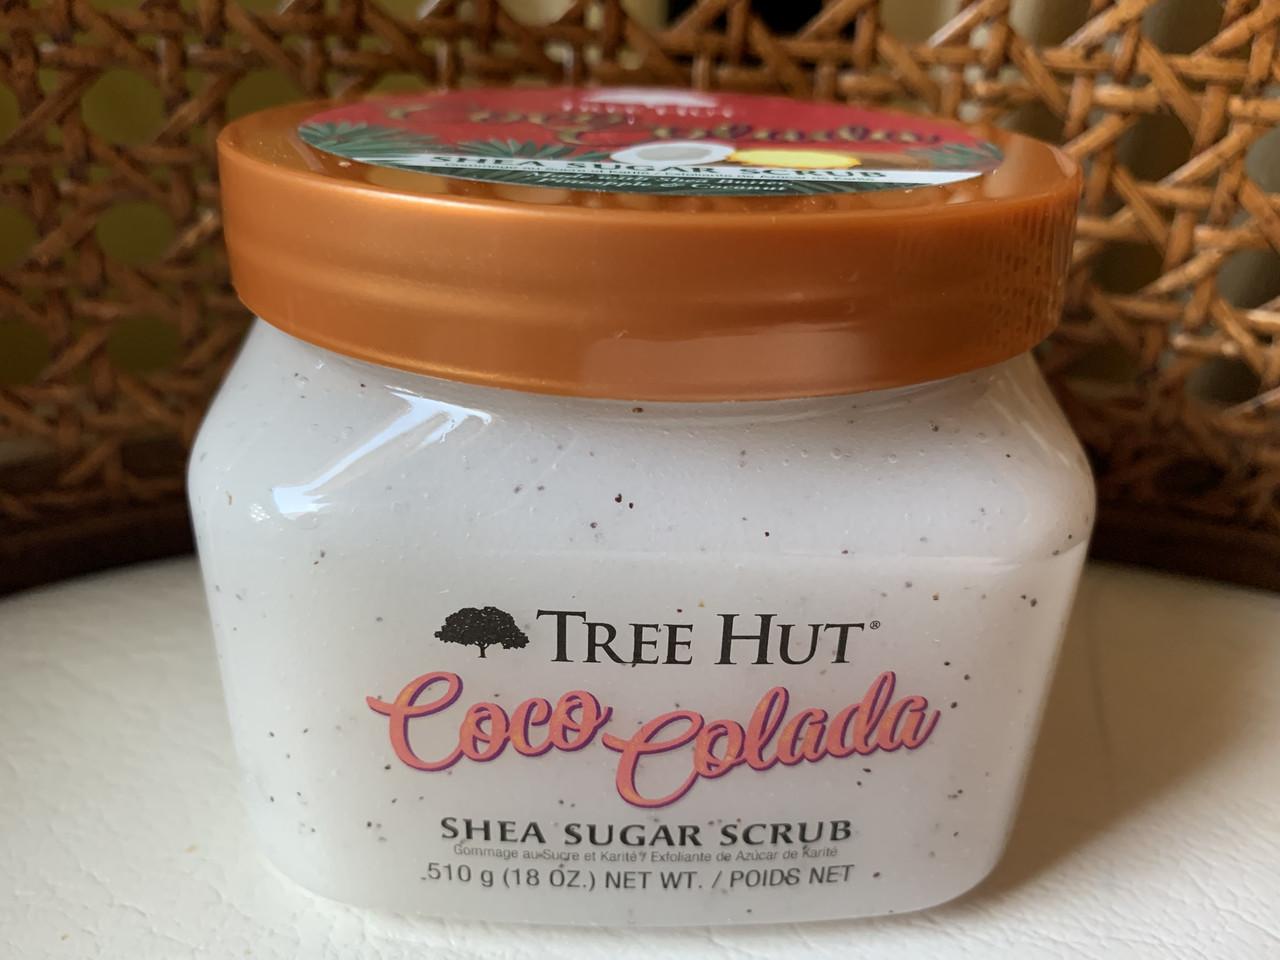 Сахарный скраб для тела Tree Hut Coco Colada